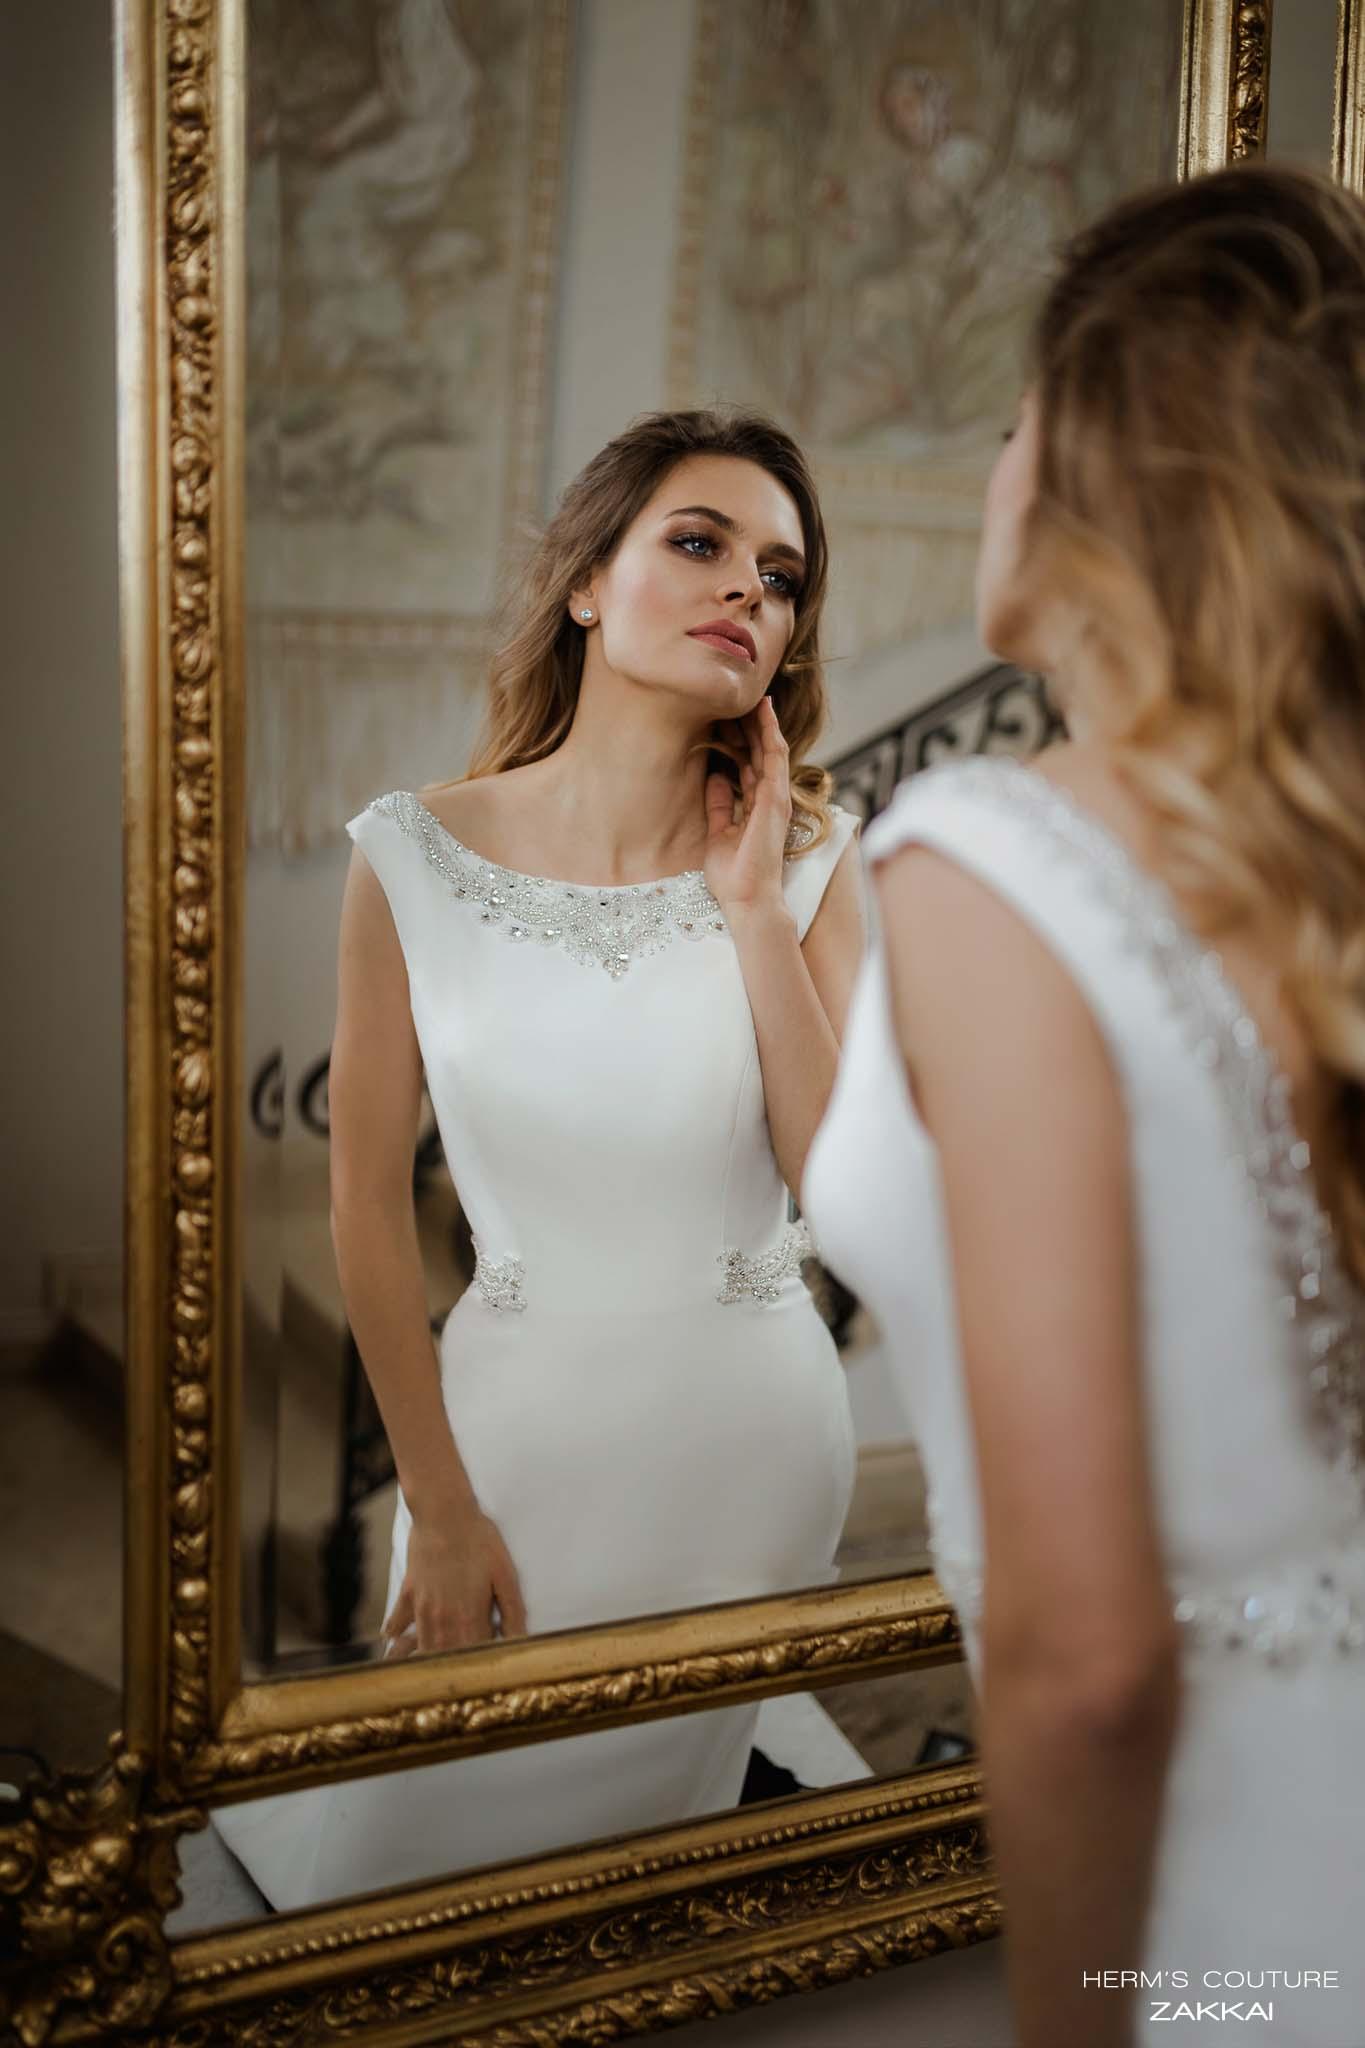 wedding dress Herm's Couture Zakkai